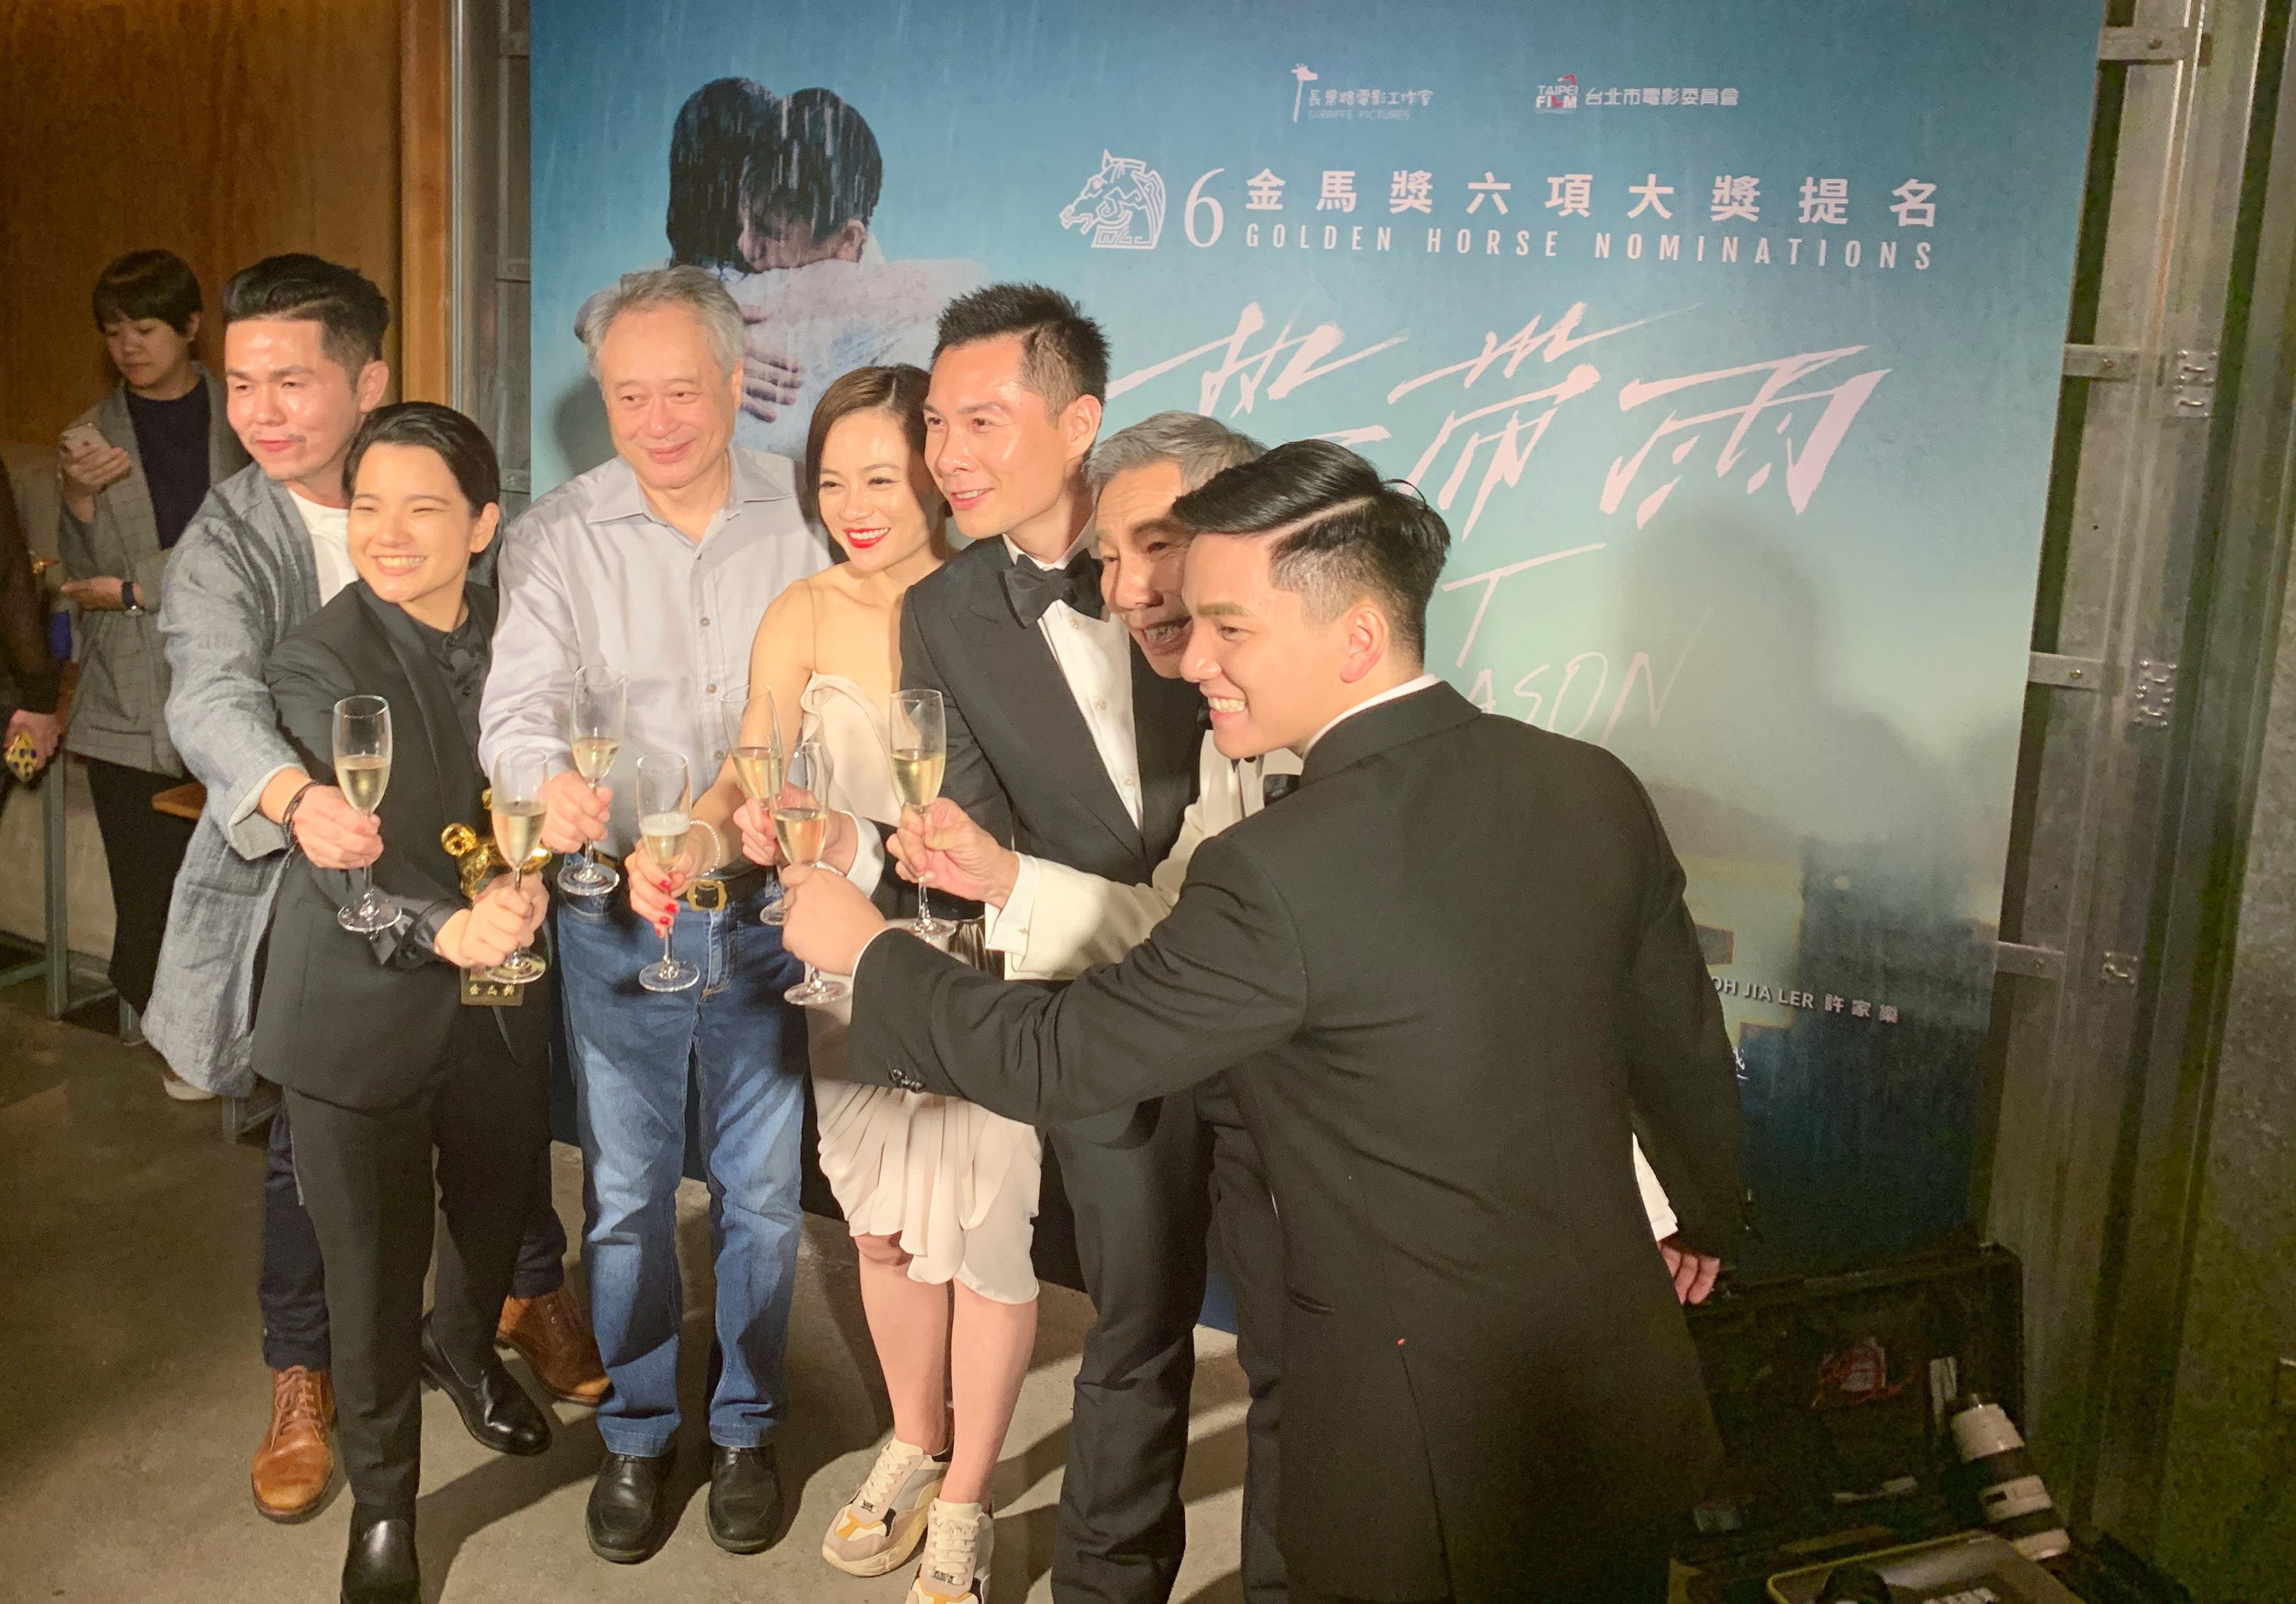 李安跑多場慶功宴溫暖為影人打氣:「得獎不能評斷一部電影的絕對價值」